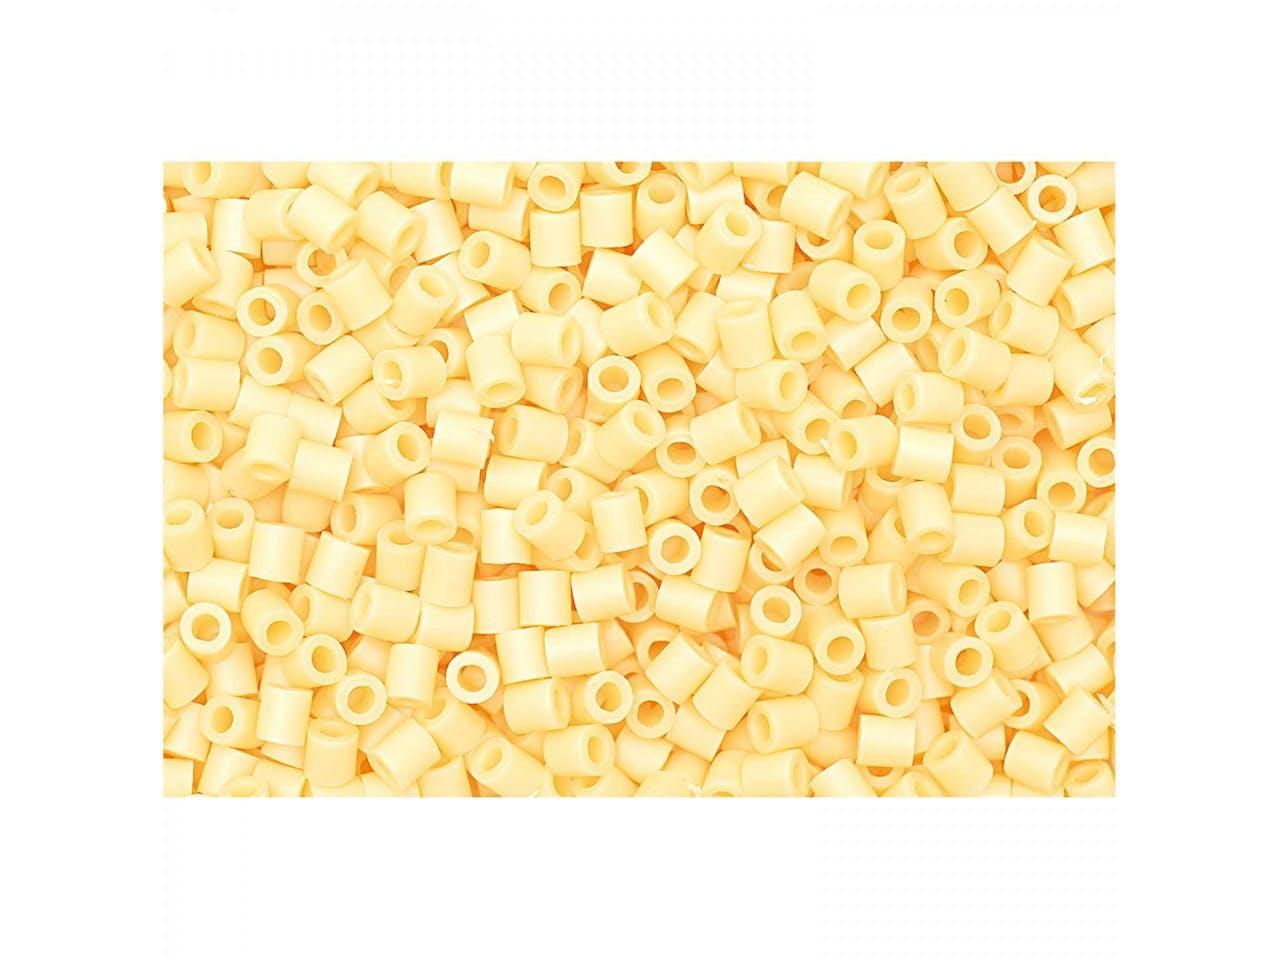 Bügelperlen, 50 x 50 mm, ca. 1000 Stück, vanille